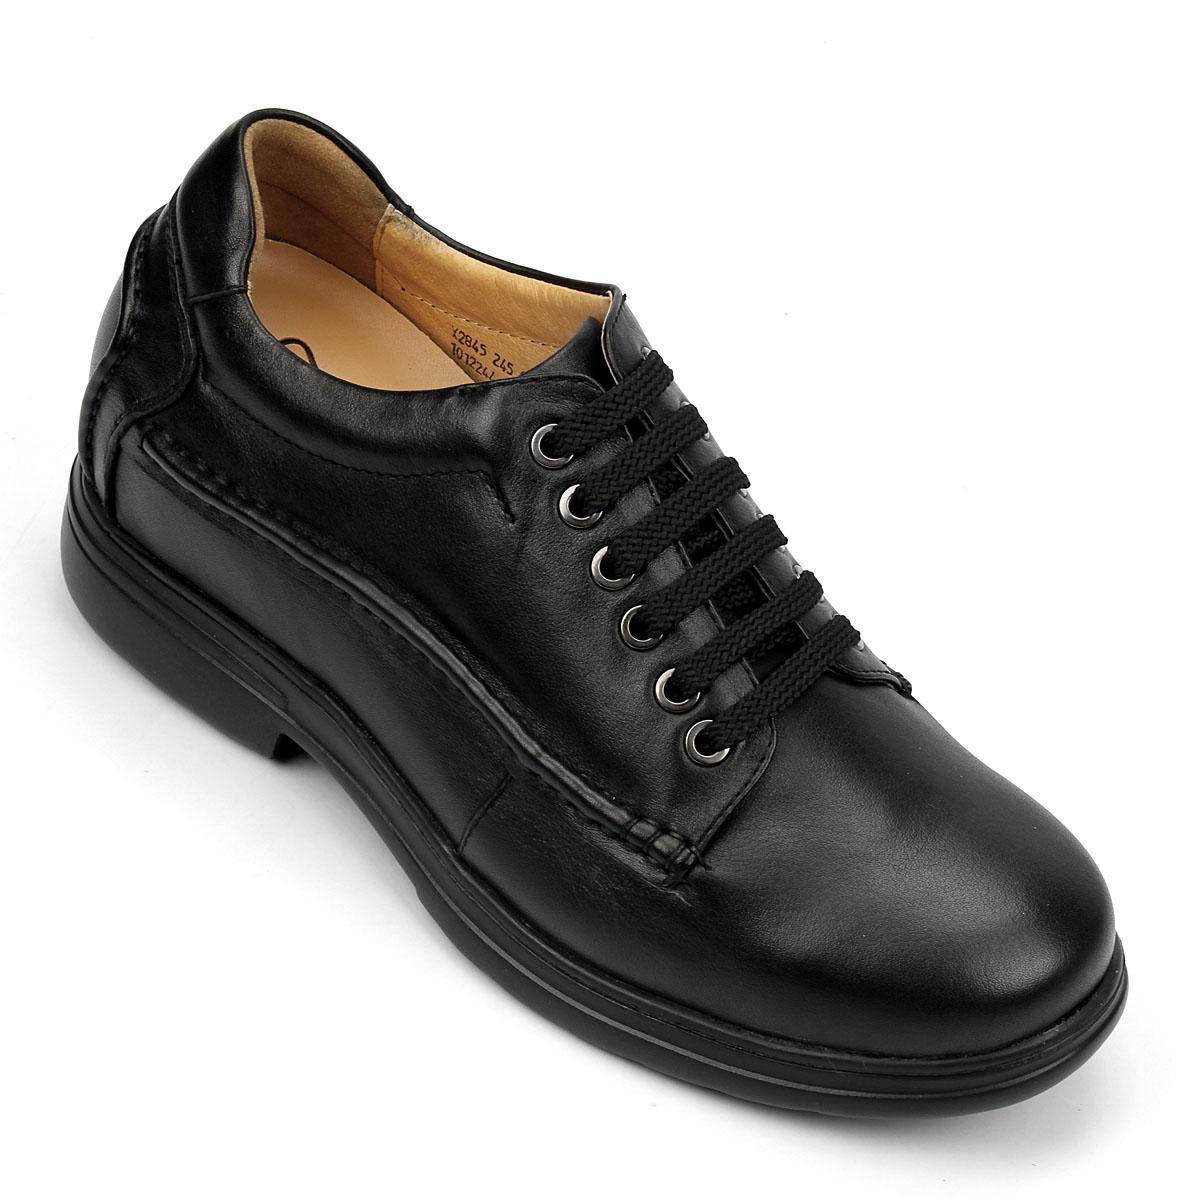 男士增高鞋 内增高休闲鞋 内增高7.5cm 黑色 商品货号:X2845【何金昌】